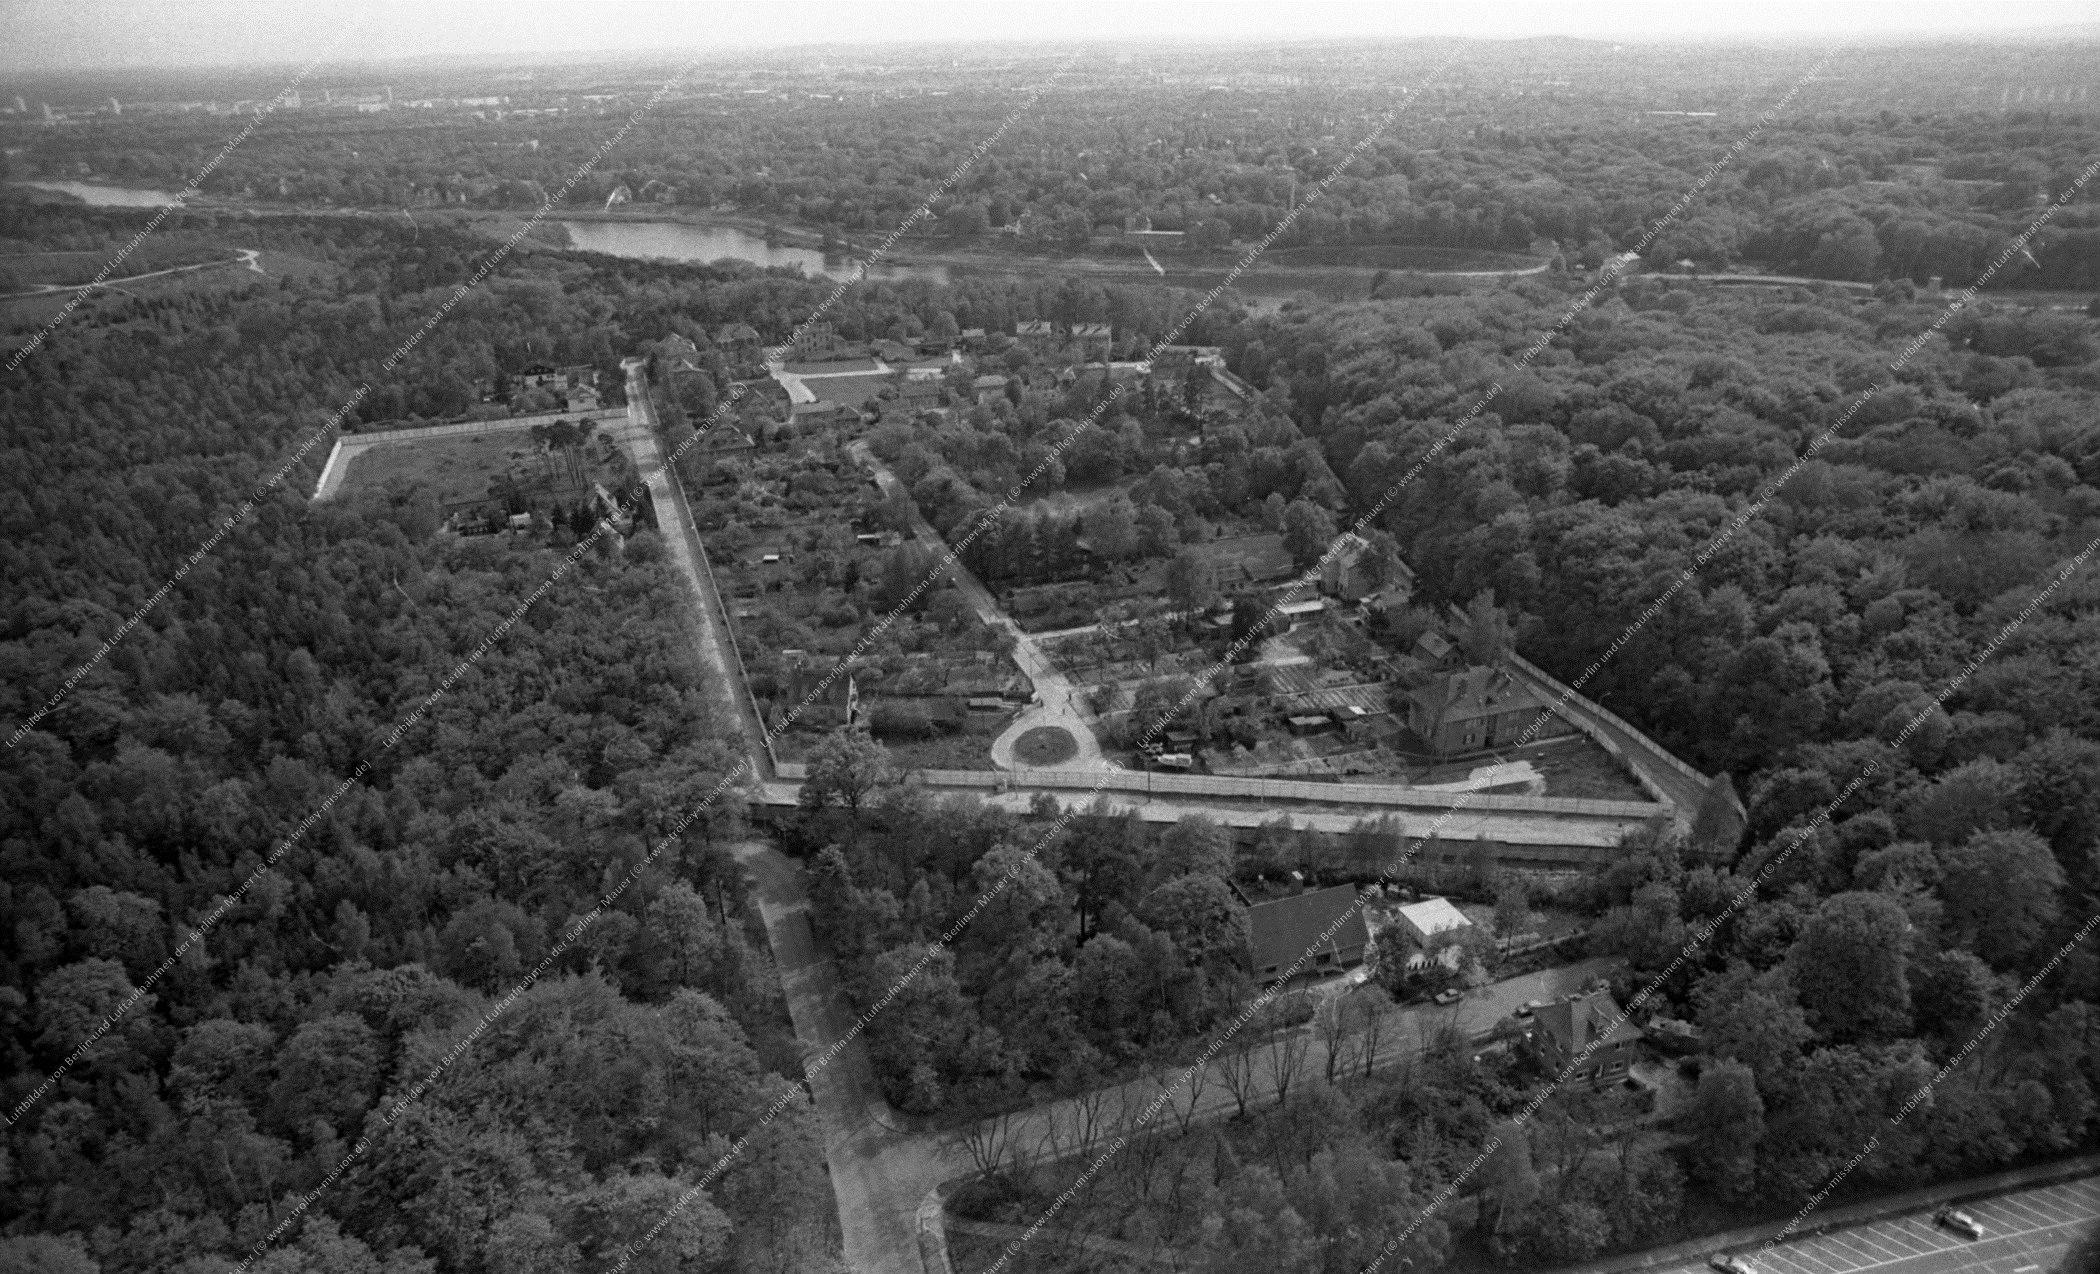 Berlin Luftaufnahme vom 12. Mai 1982 - Unbekannter Abschnitt der Berliner Mauer bzw. Grenze zur DDR (Bild 061)